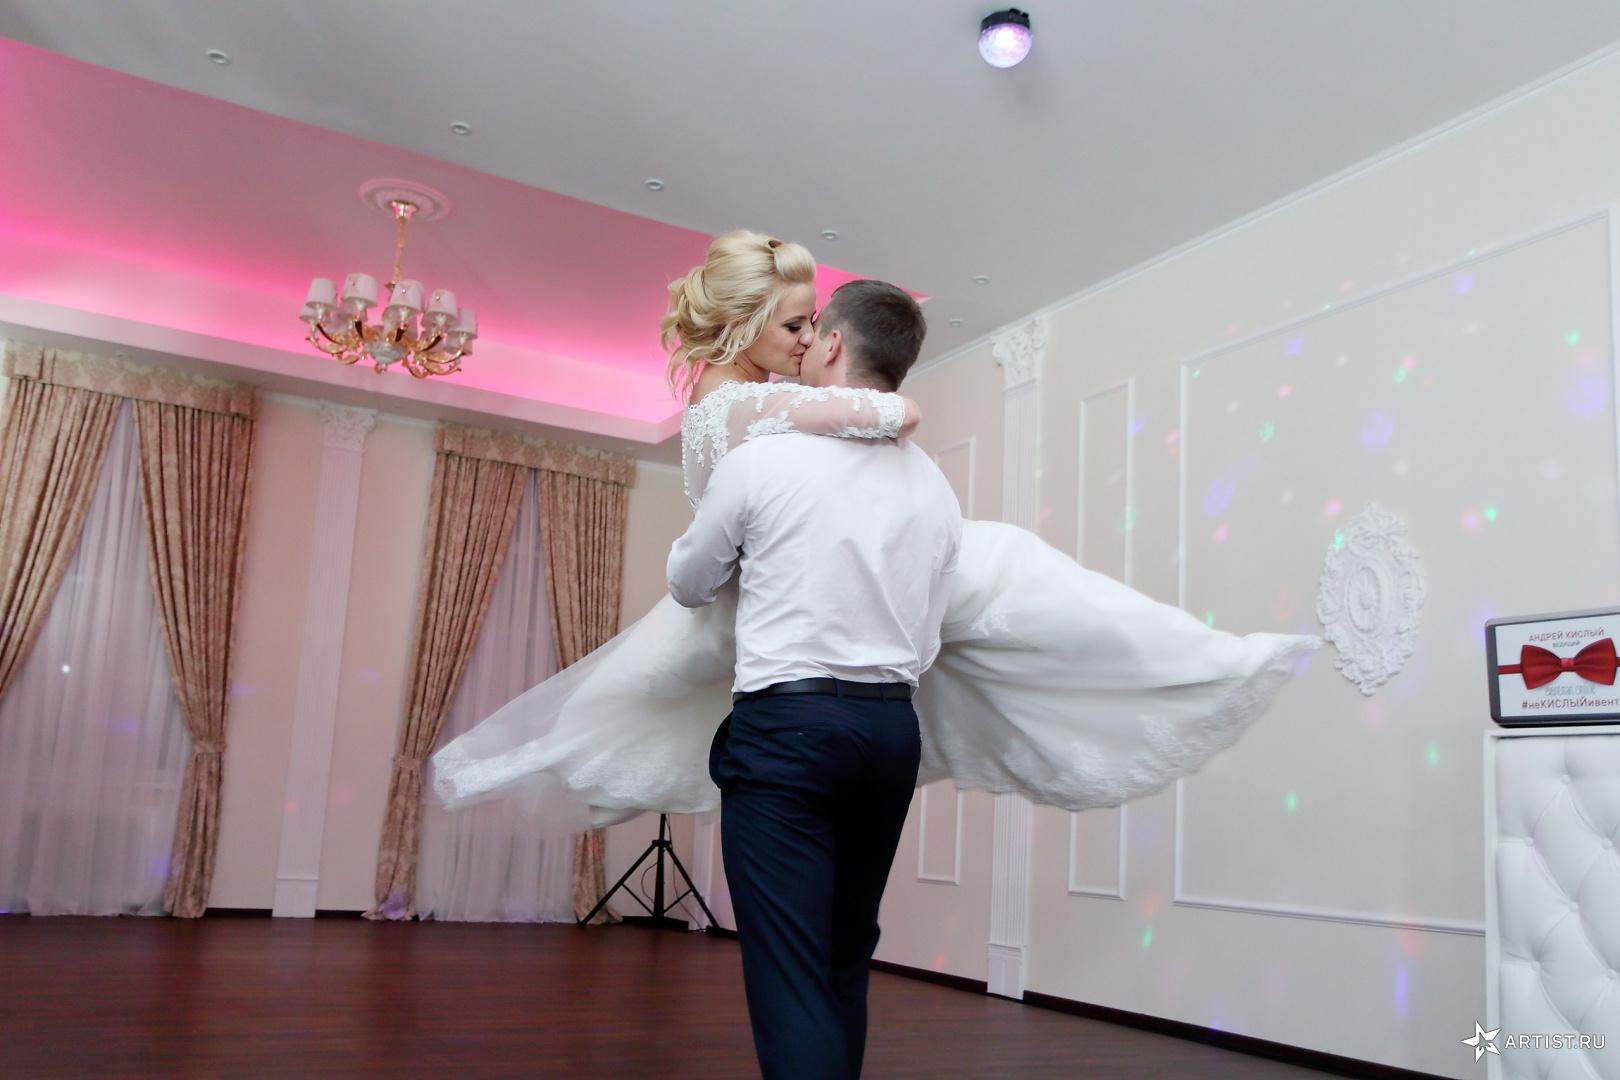 Фото 10 из 21 из альбома Свадьба Екатерины и Дениса Андрея Кислого